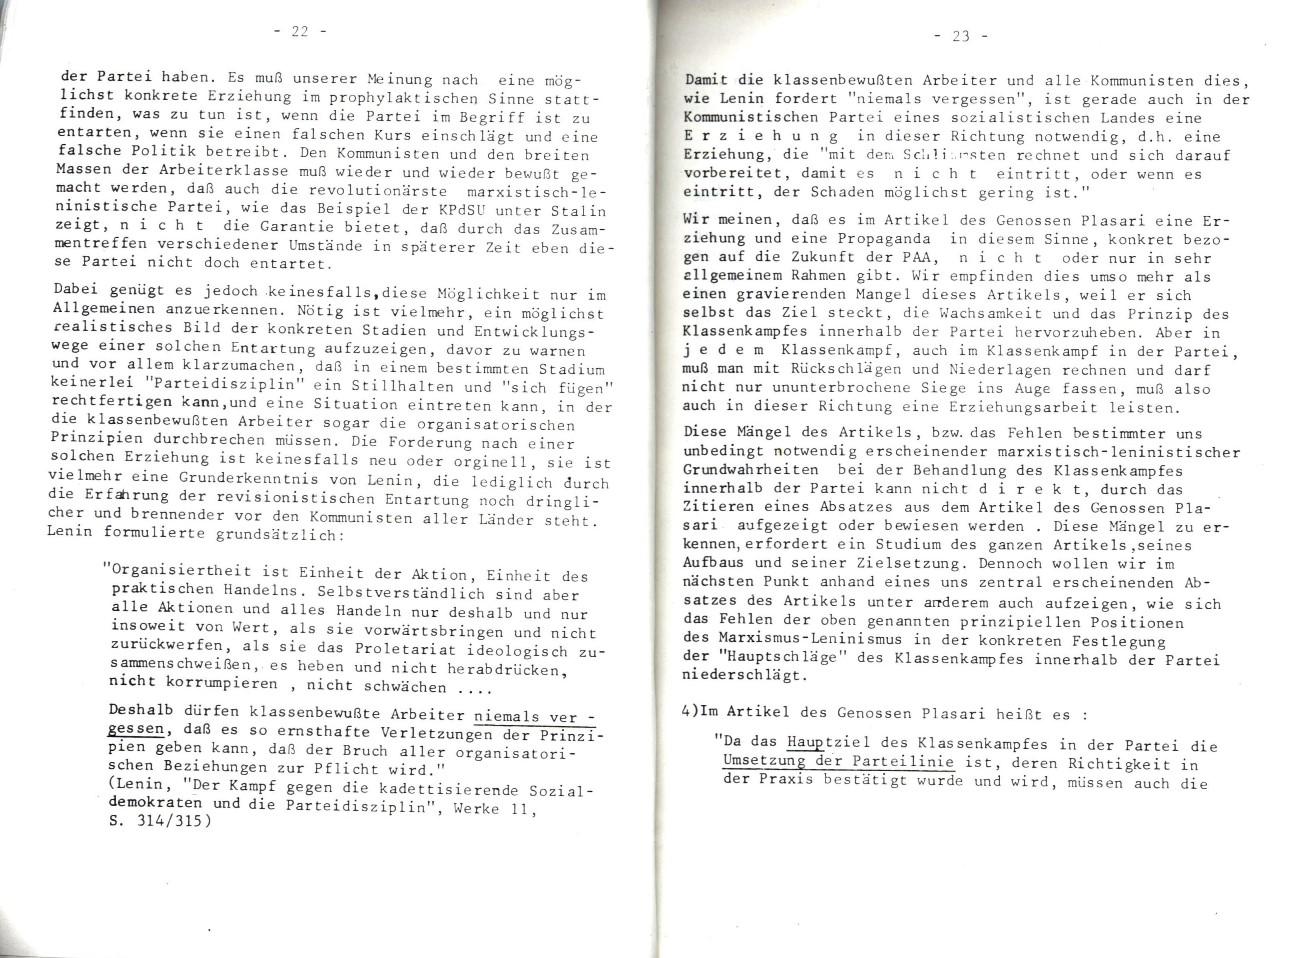 MLSK_Theorie_und_Praxis_des_ML_1979_25_12